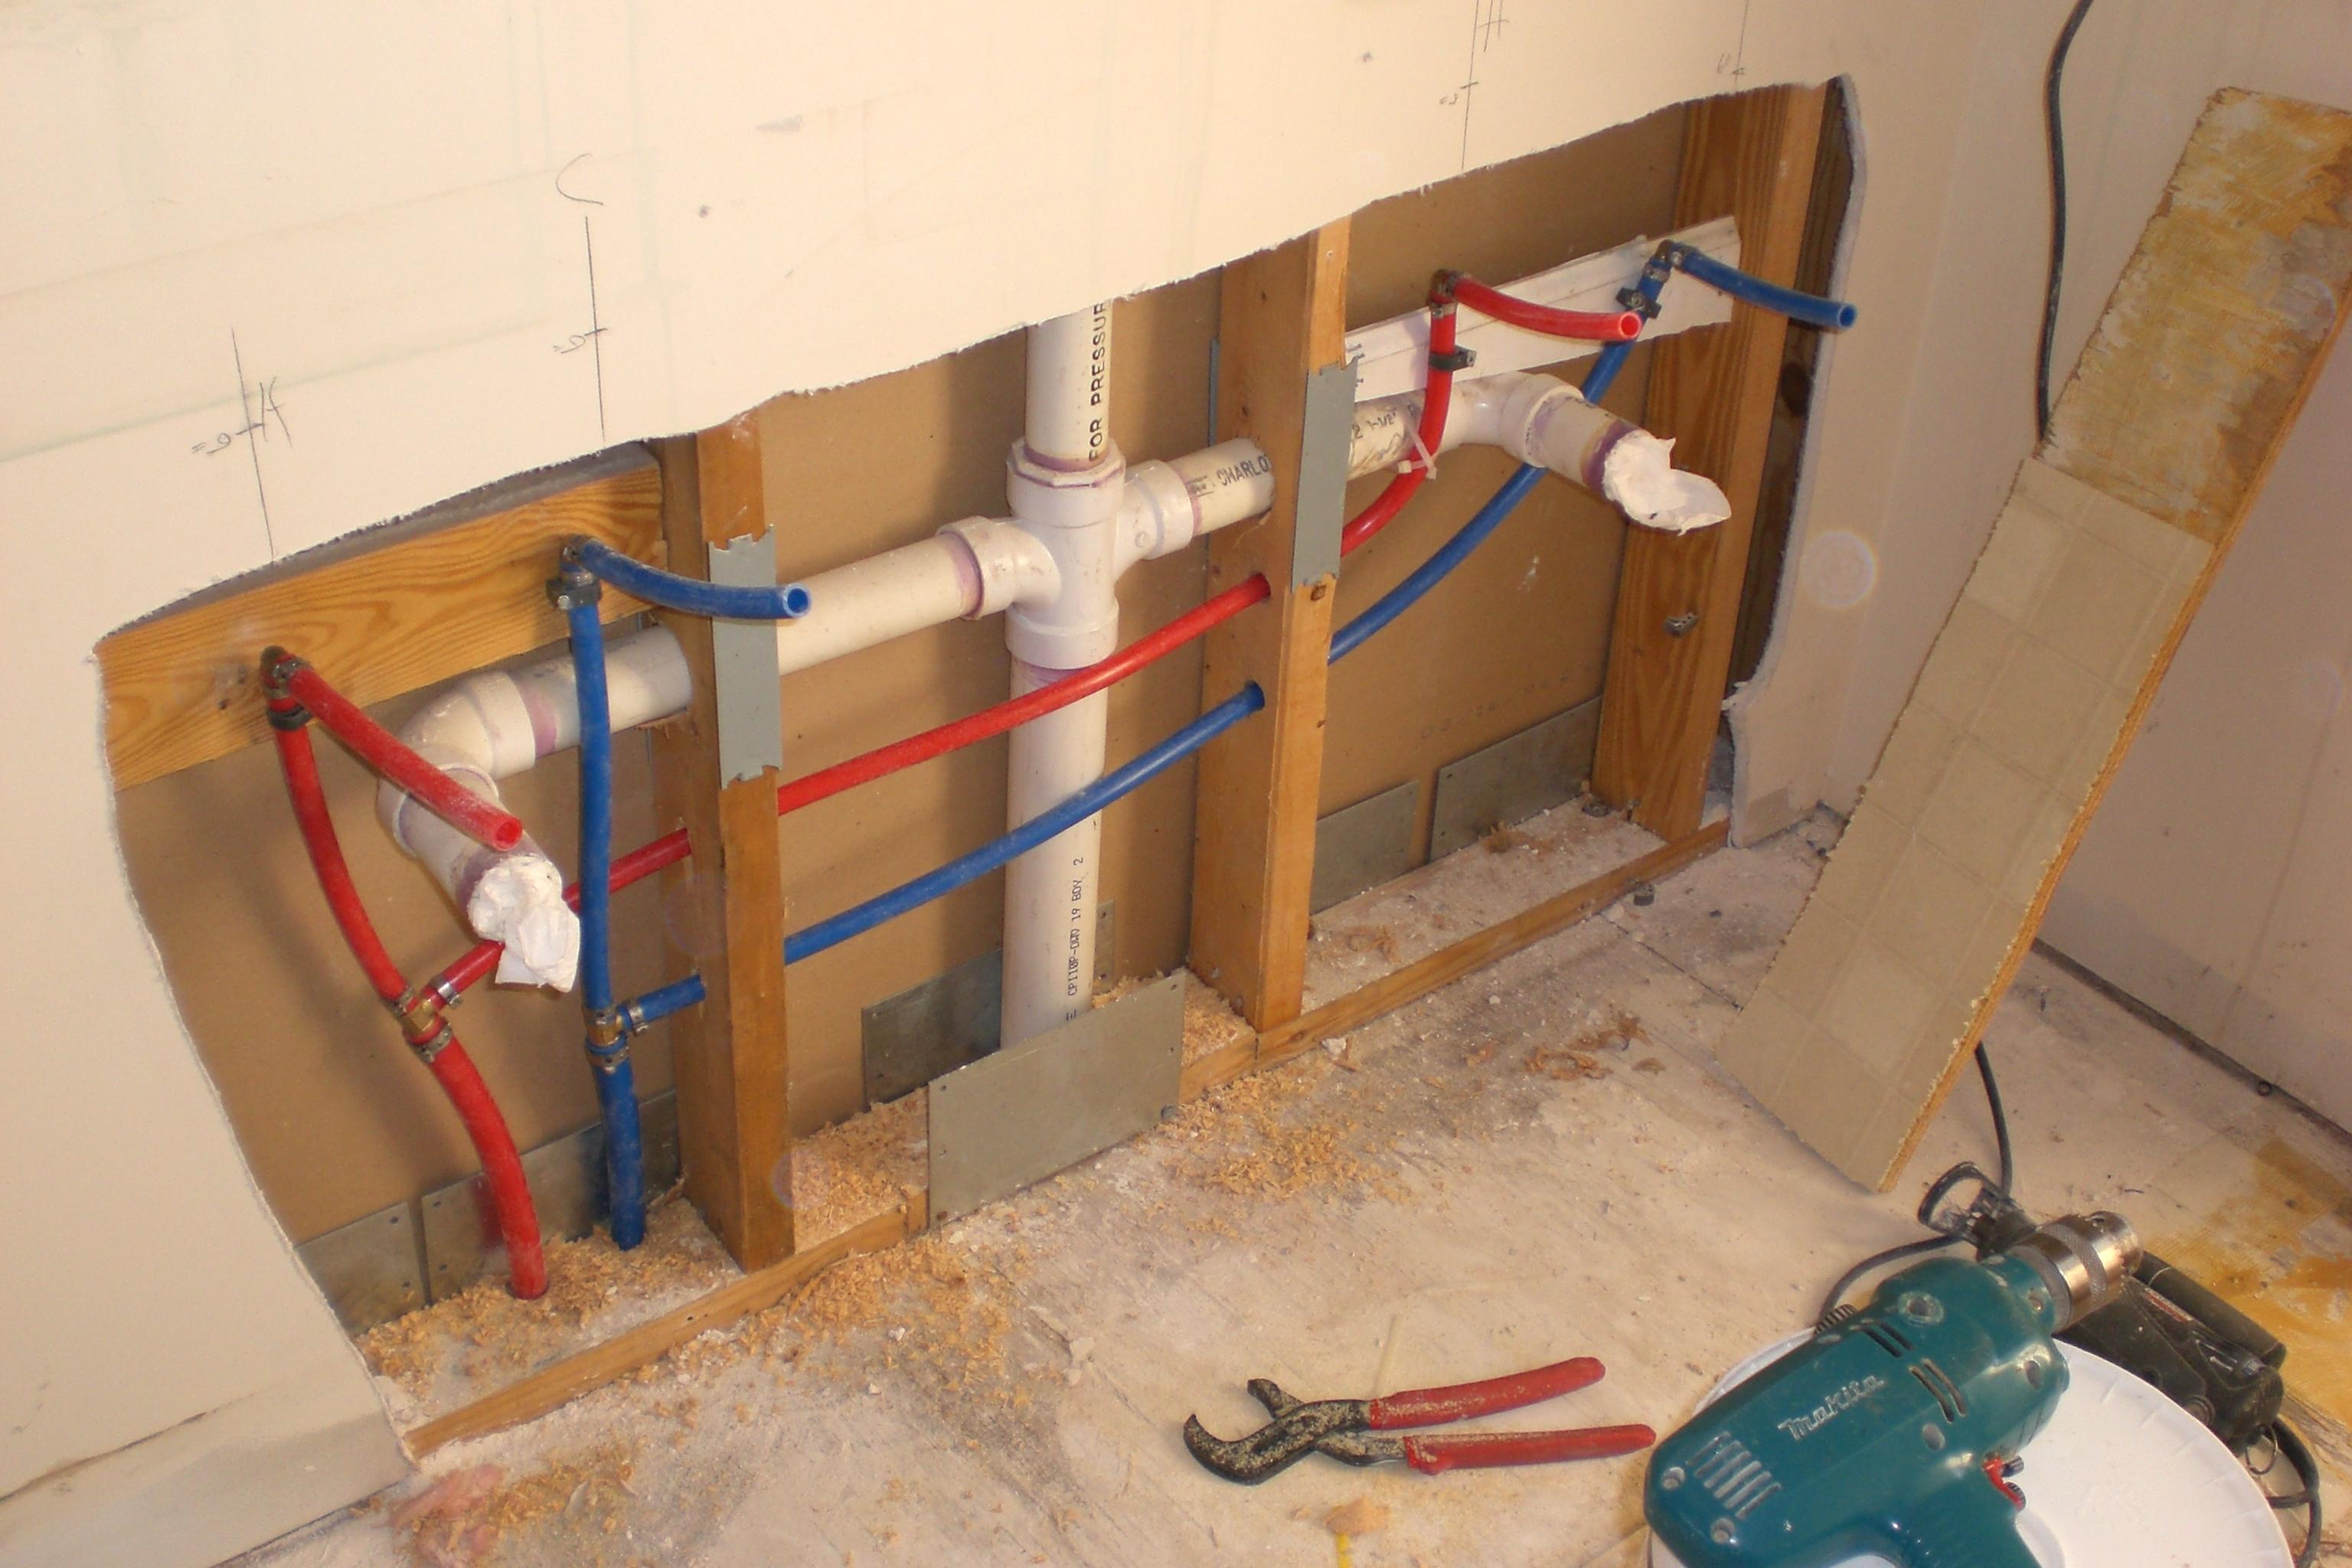 pex plumbing diagram bathroom freightliner wiring diagrams for m2 reddoorhomes just another wordpress site page 14